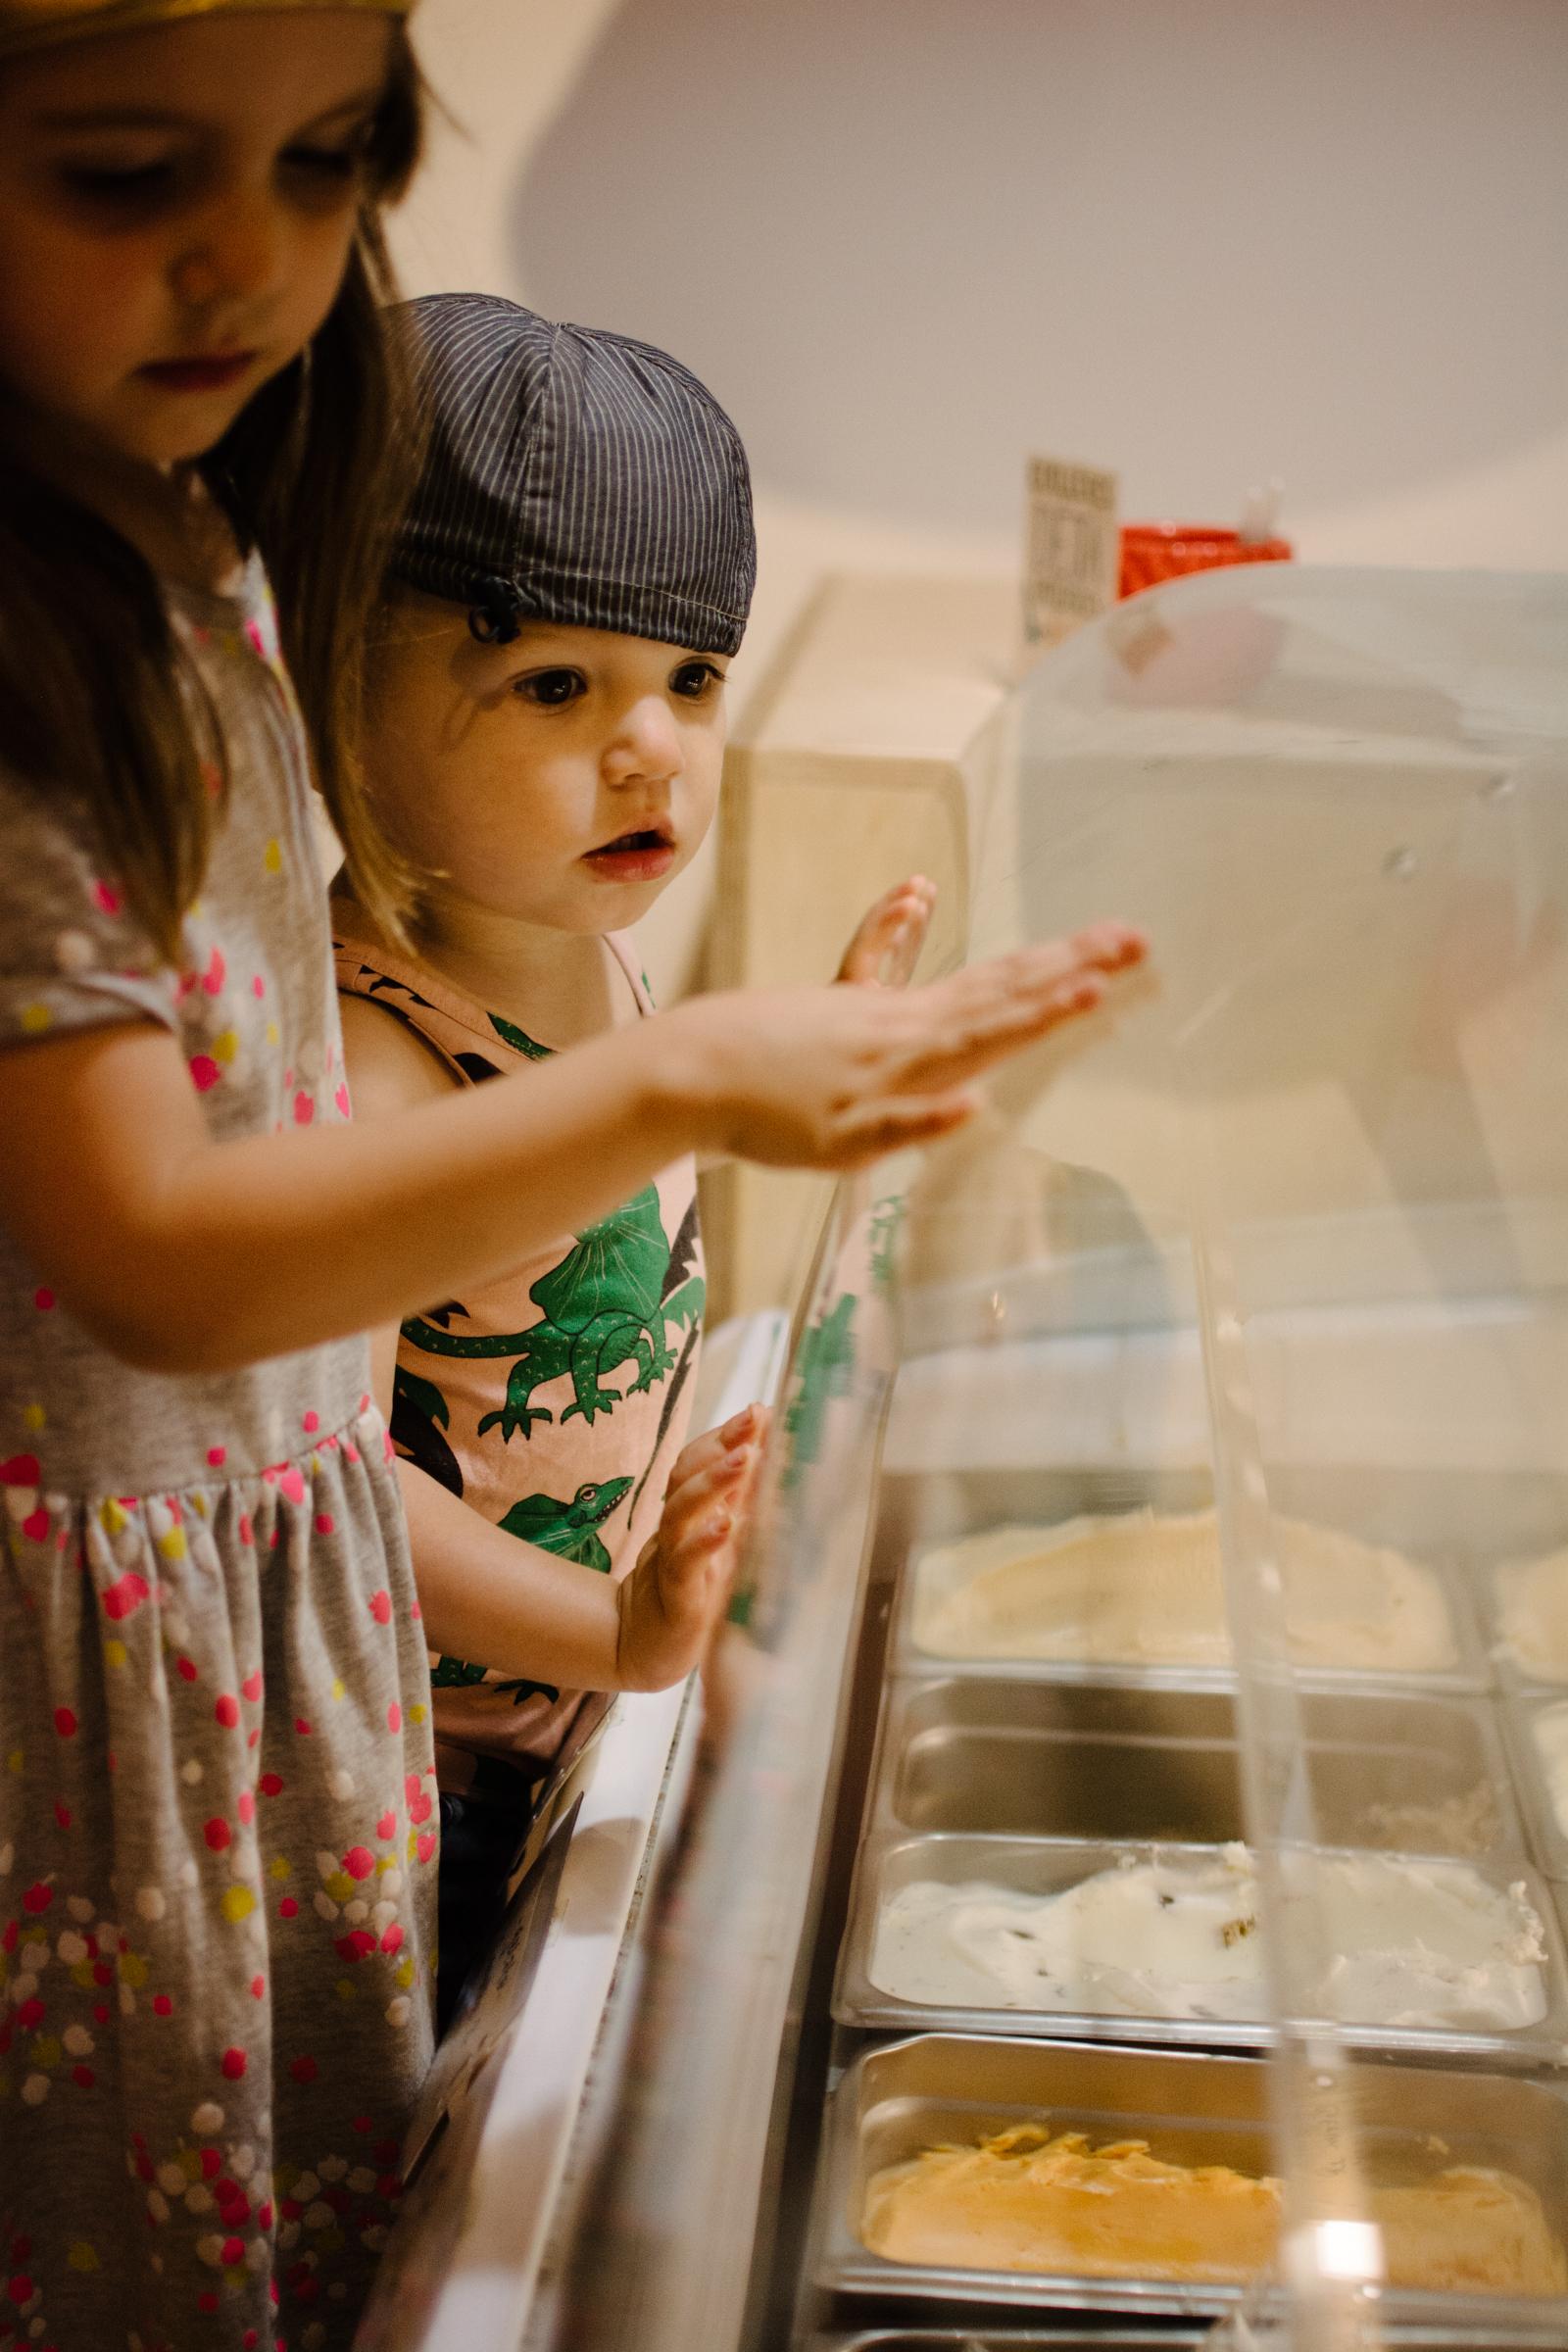 photo-d-enfants-devant-un-etalage-de-gelato-photographe-lifestyle-de-famille-a-montreal-marianne-charland-064.jpg